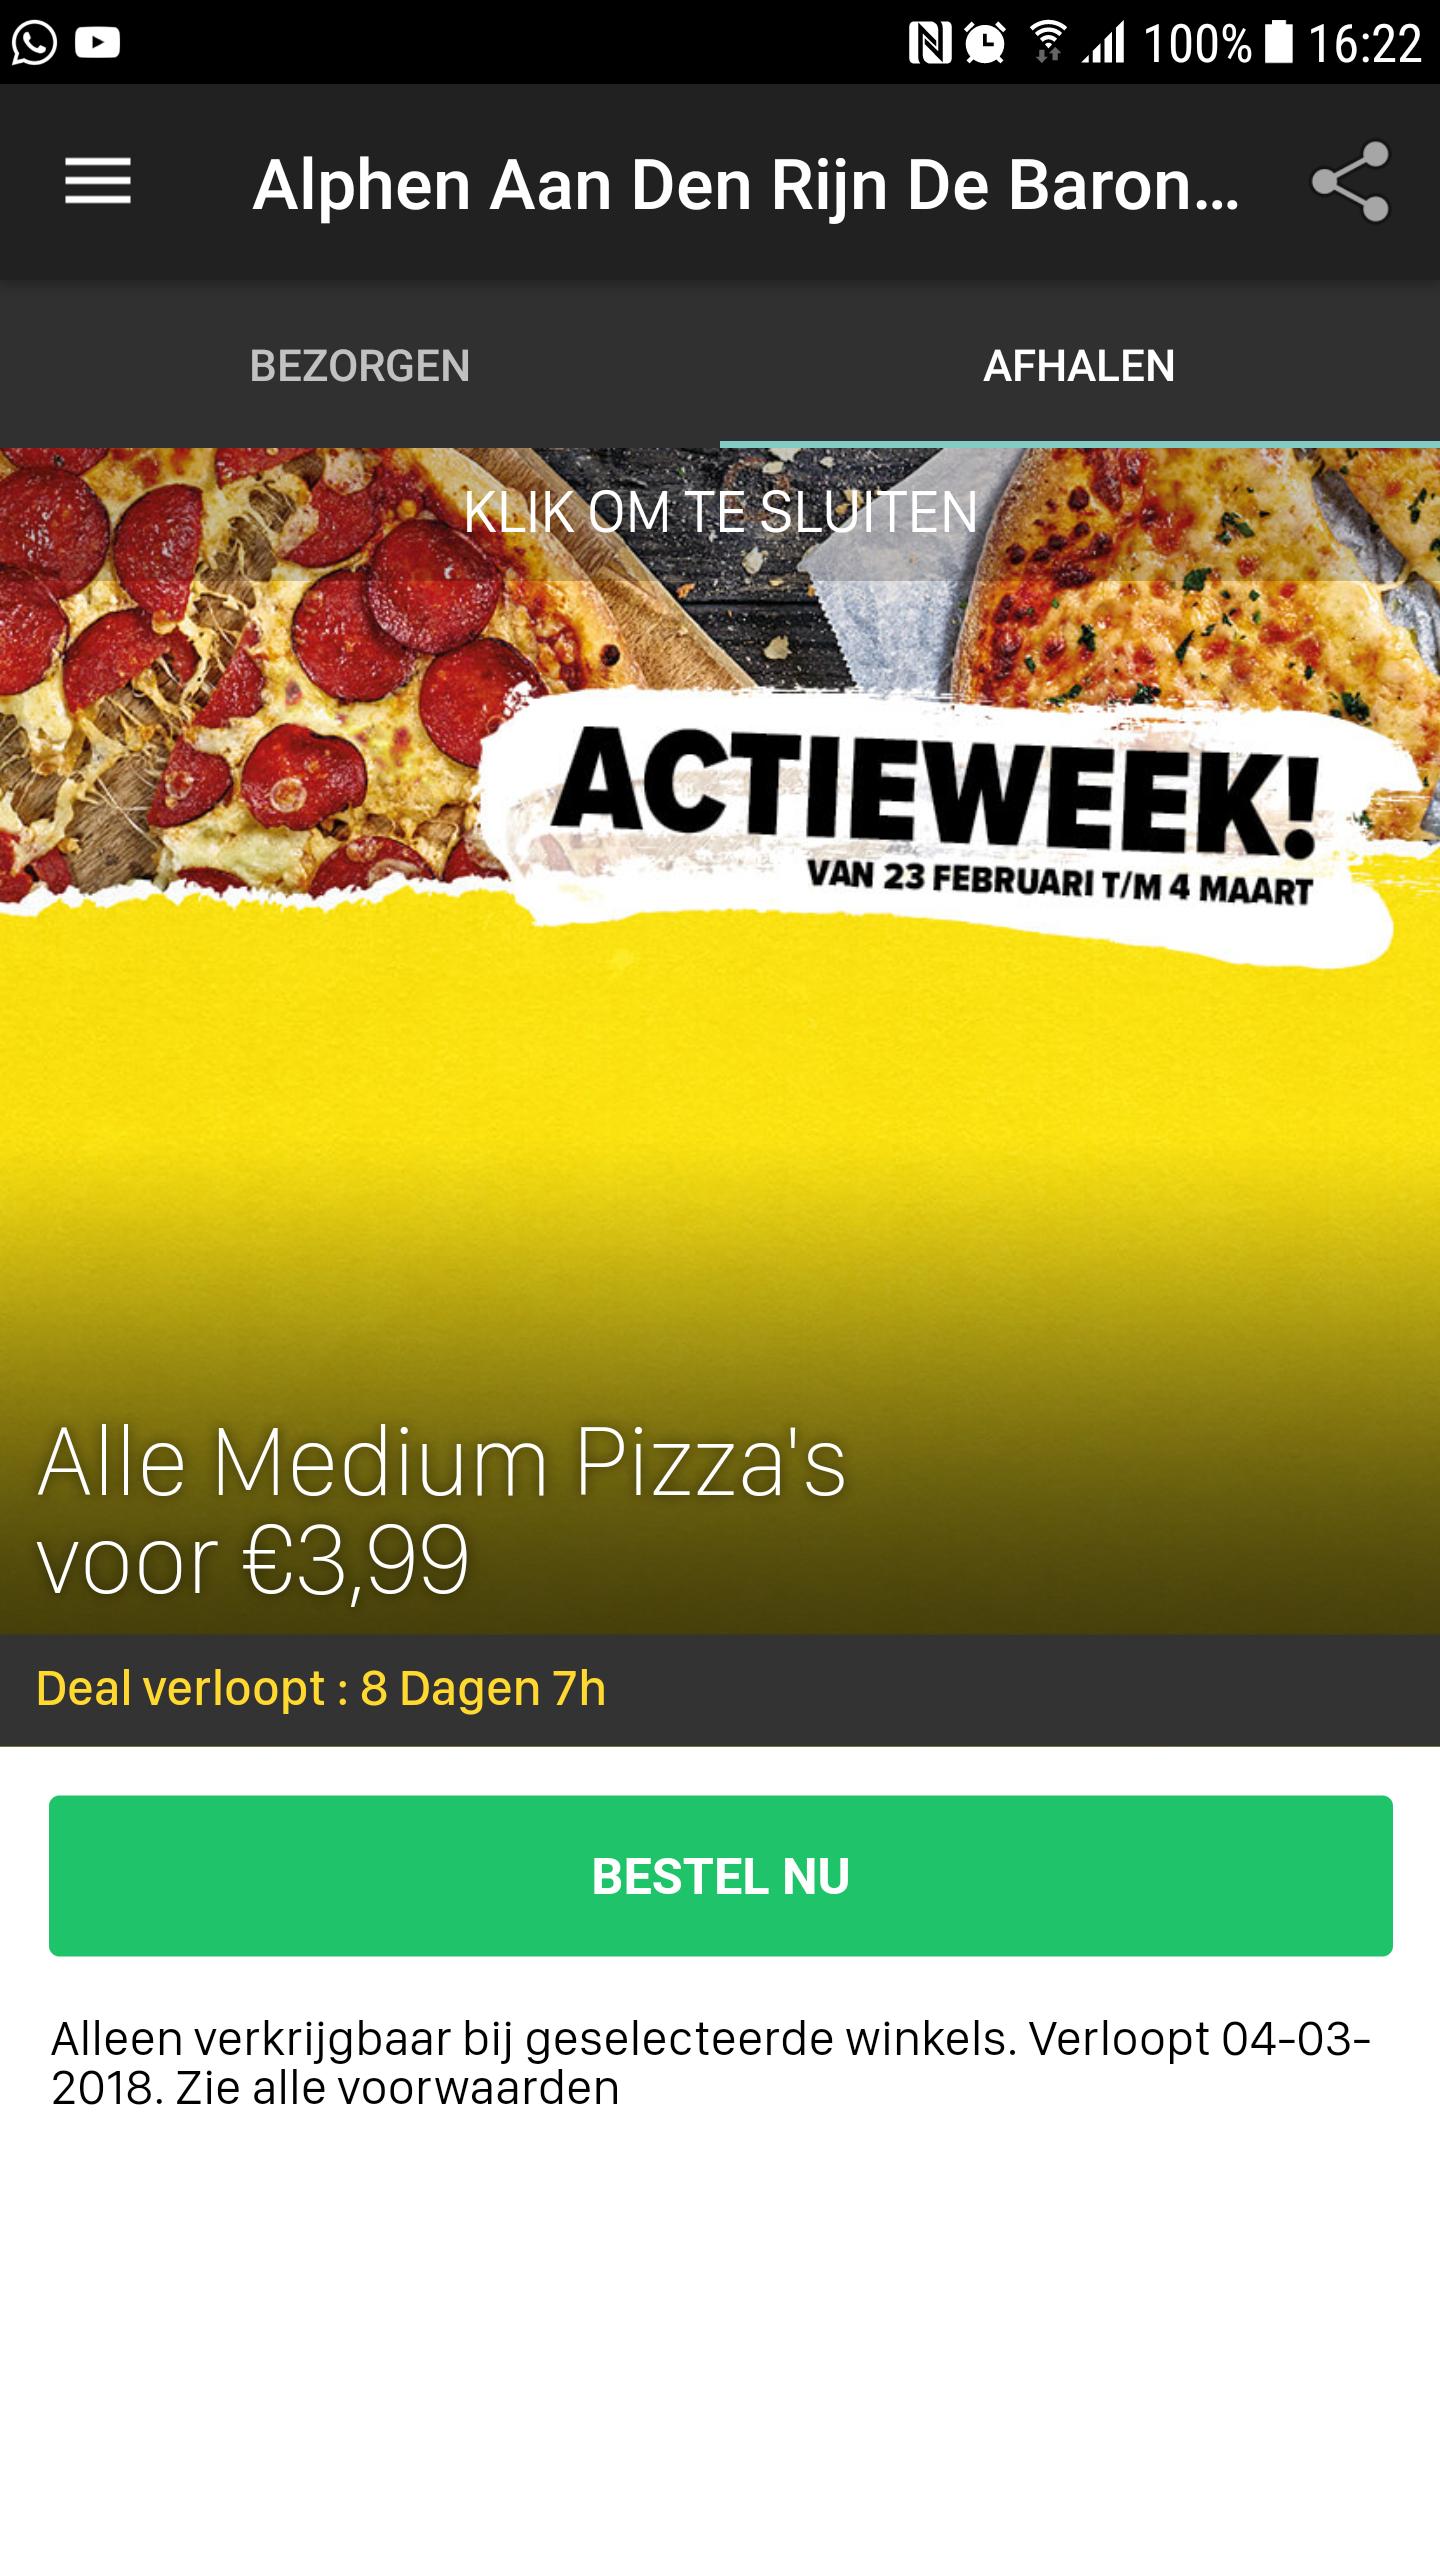 Stuntweek bij Domino's alle medium pizza 3.99